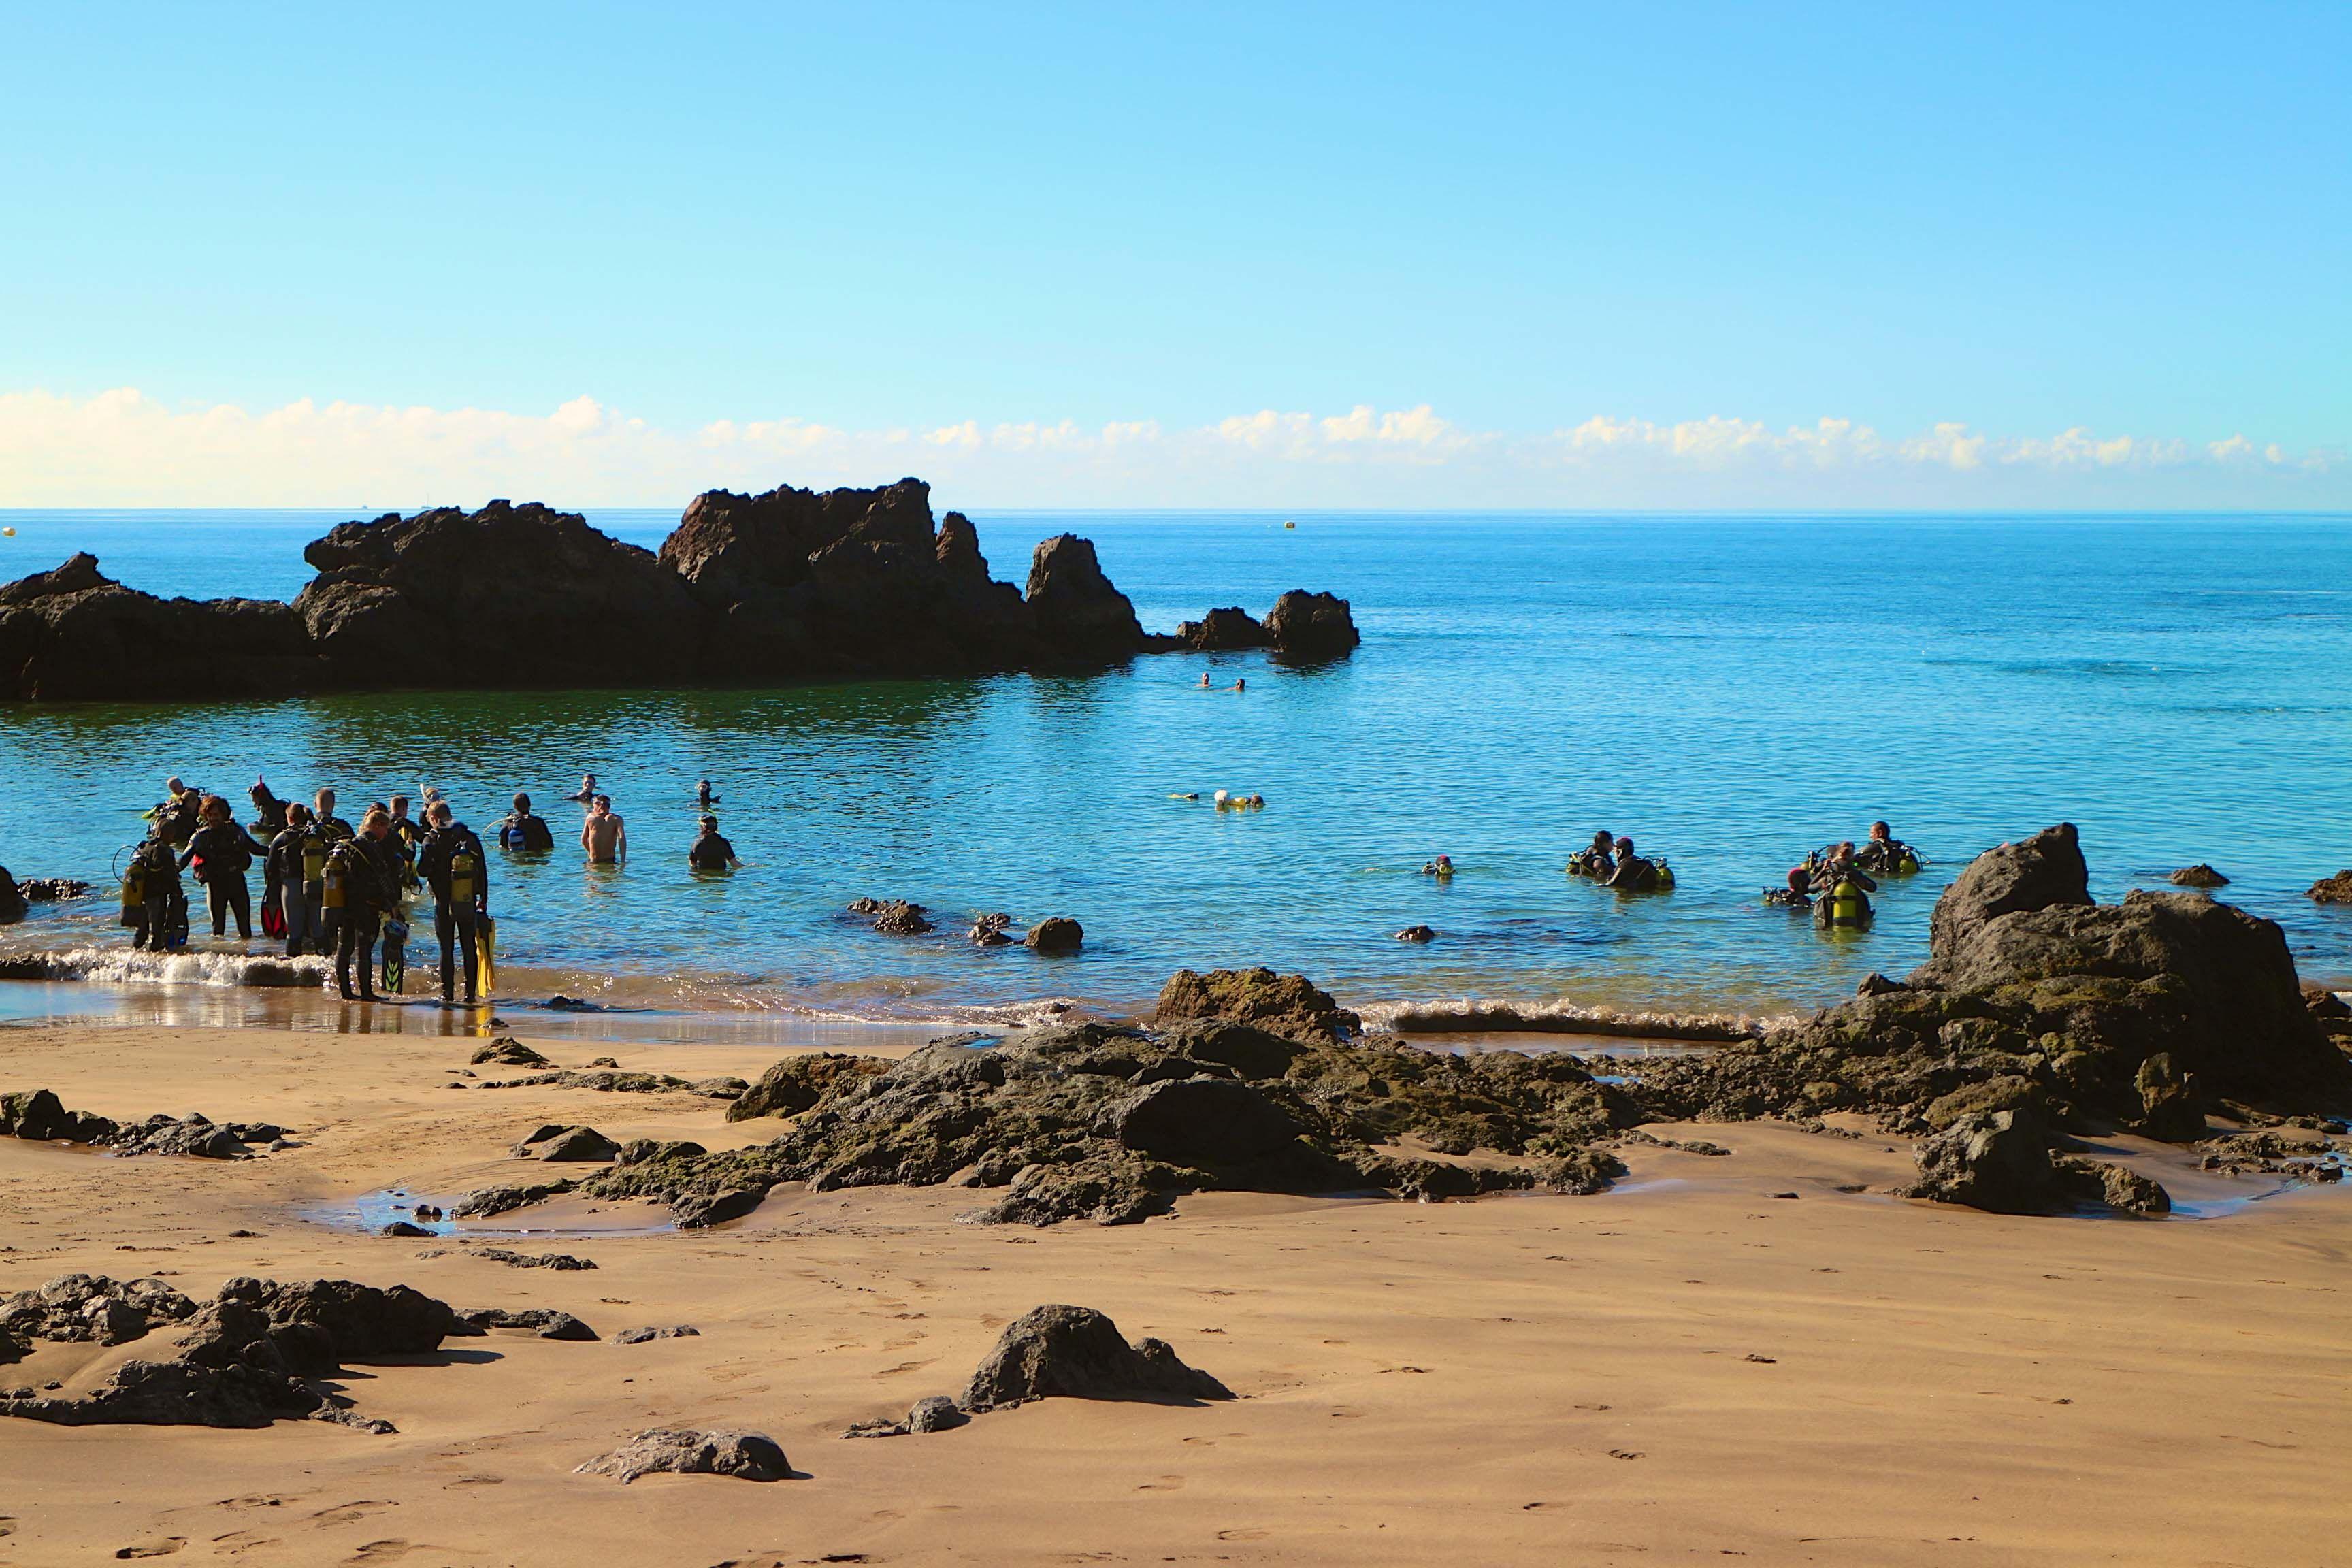 Einstieg Für Taucher Am Strand Playa Chica Puerto Del Carmen Lanzarote Kanaren Lanzarote Lanzarote Strände Kanaren